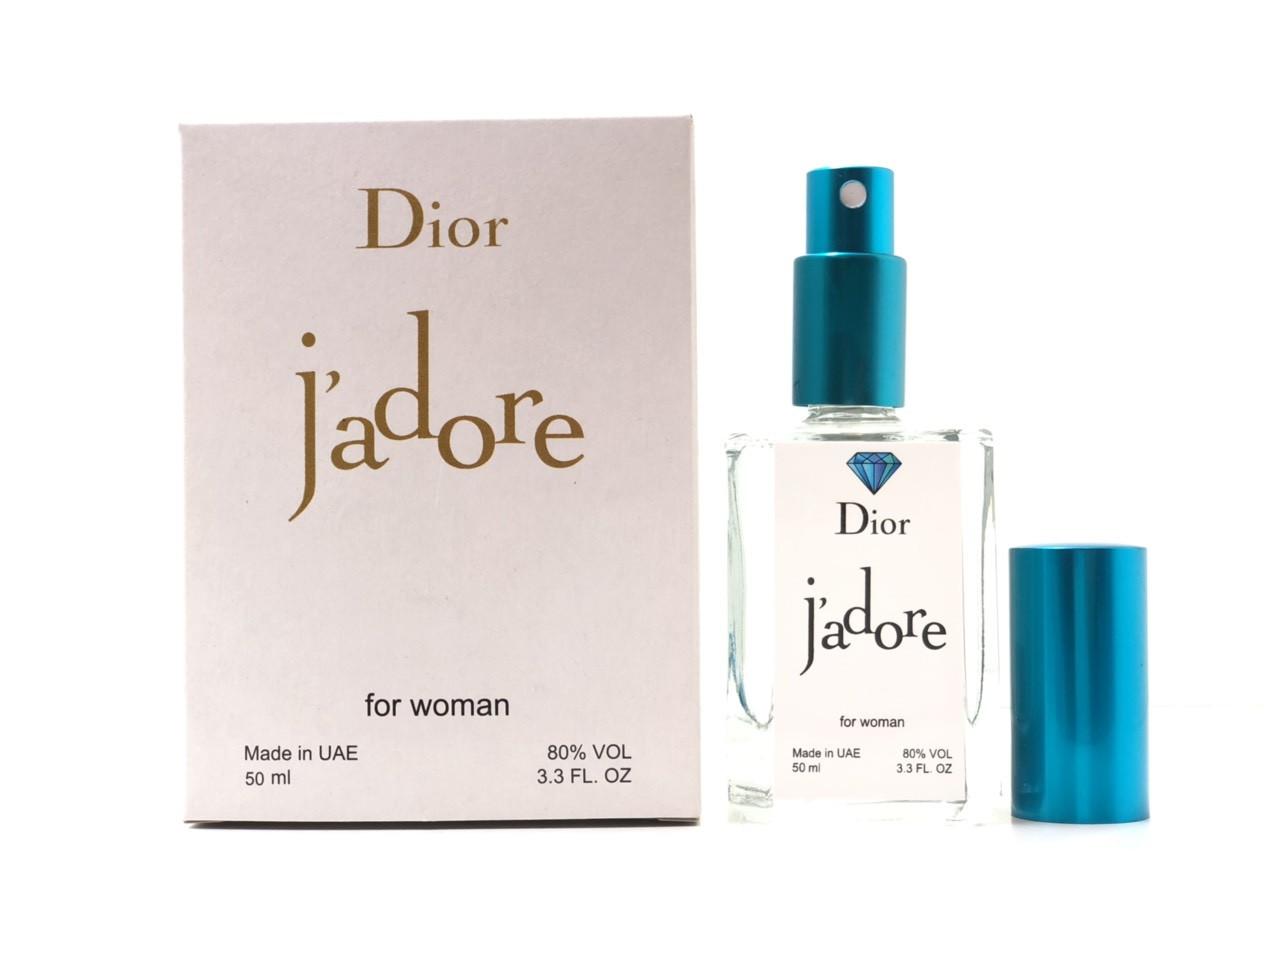 Парфюм Christian Dior Jadore (Кристиан Диор Жадор) 50 мл Diamond - реплика